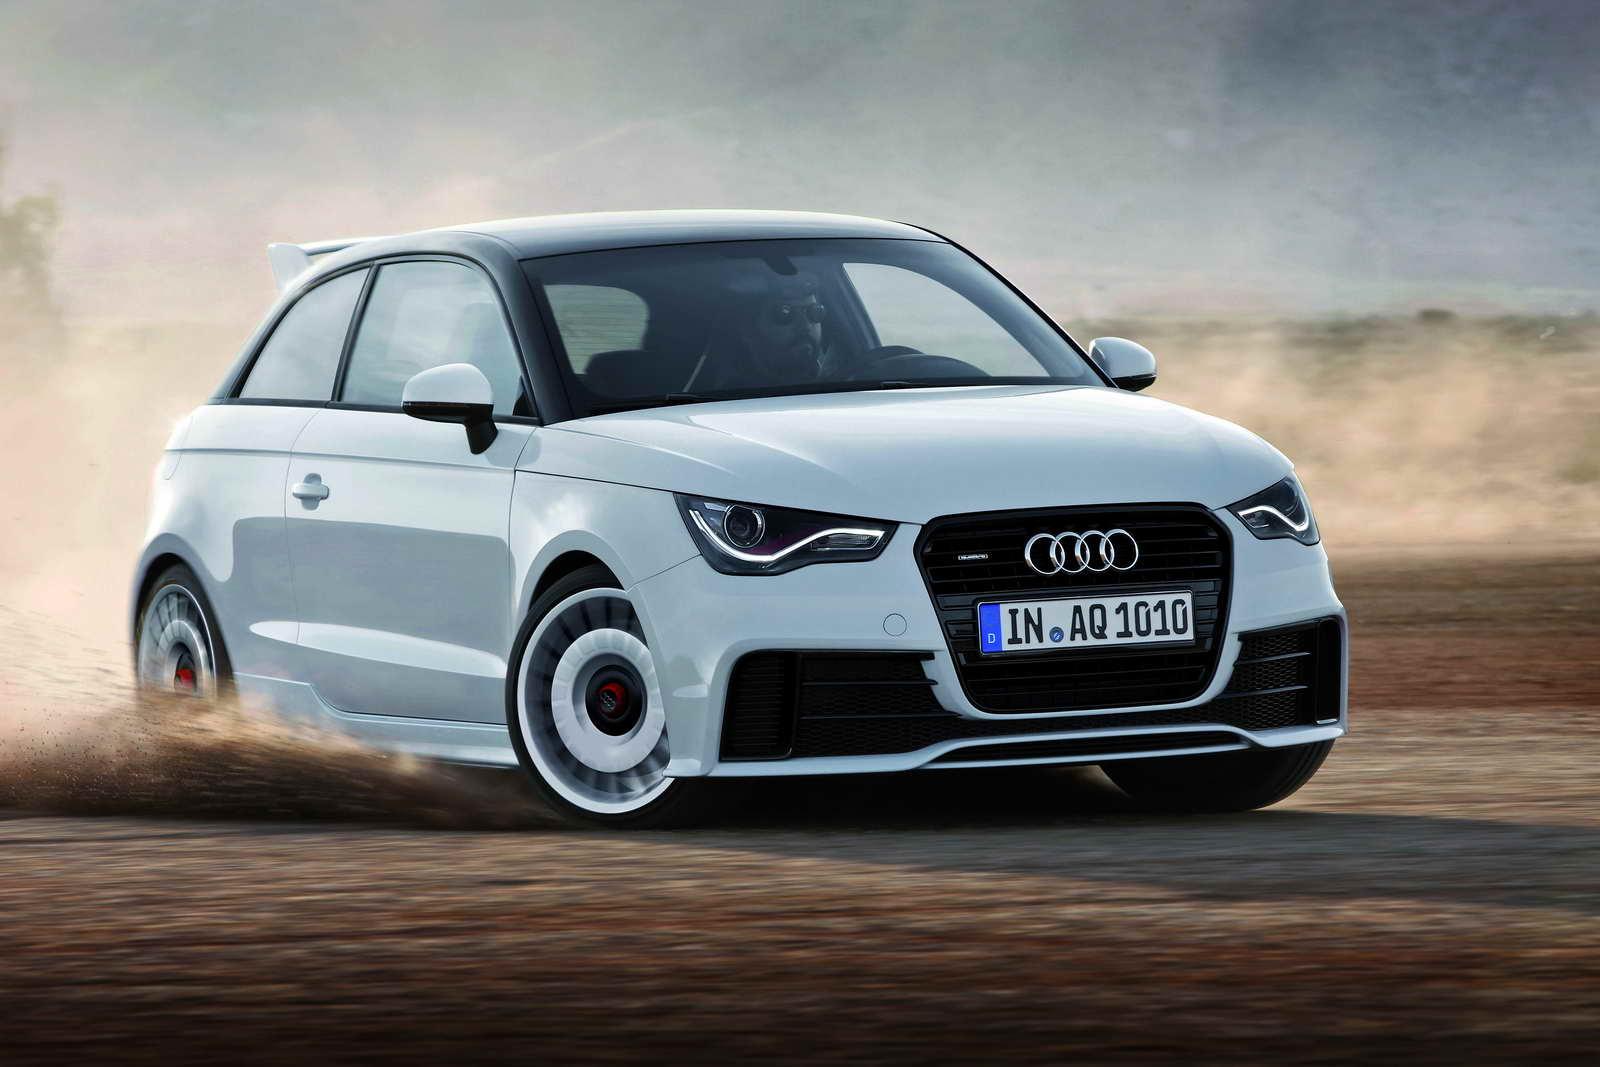 Audi_A1_Quattro_13